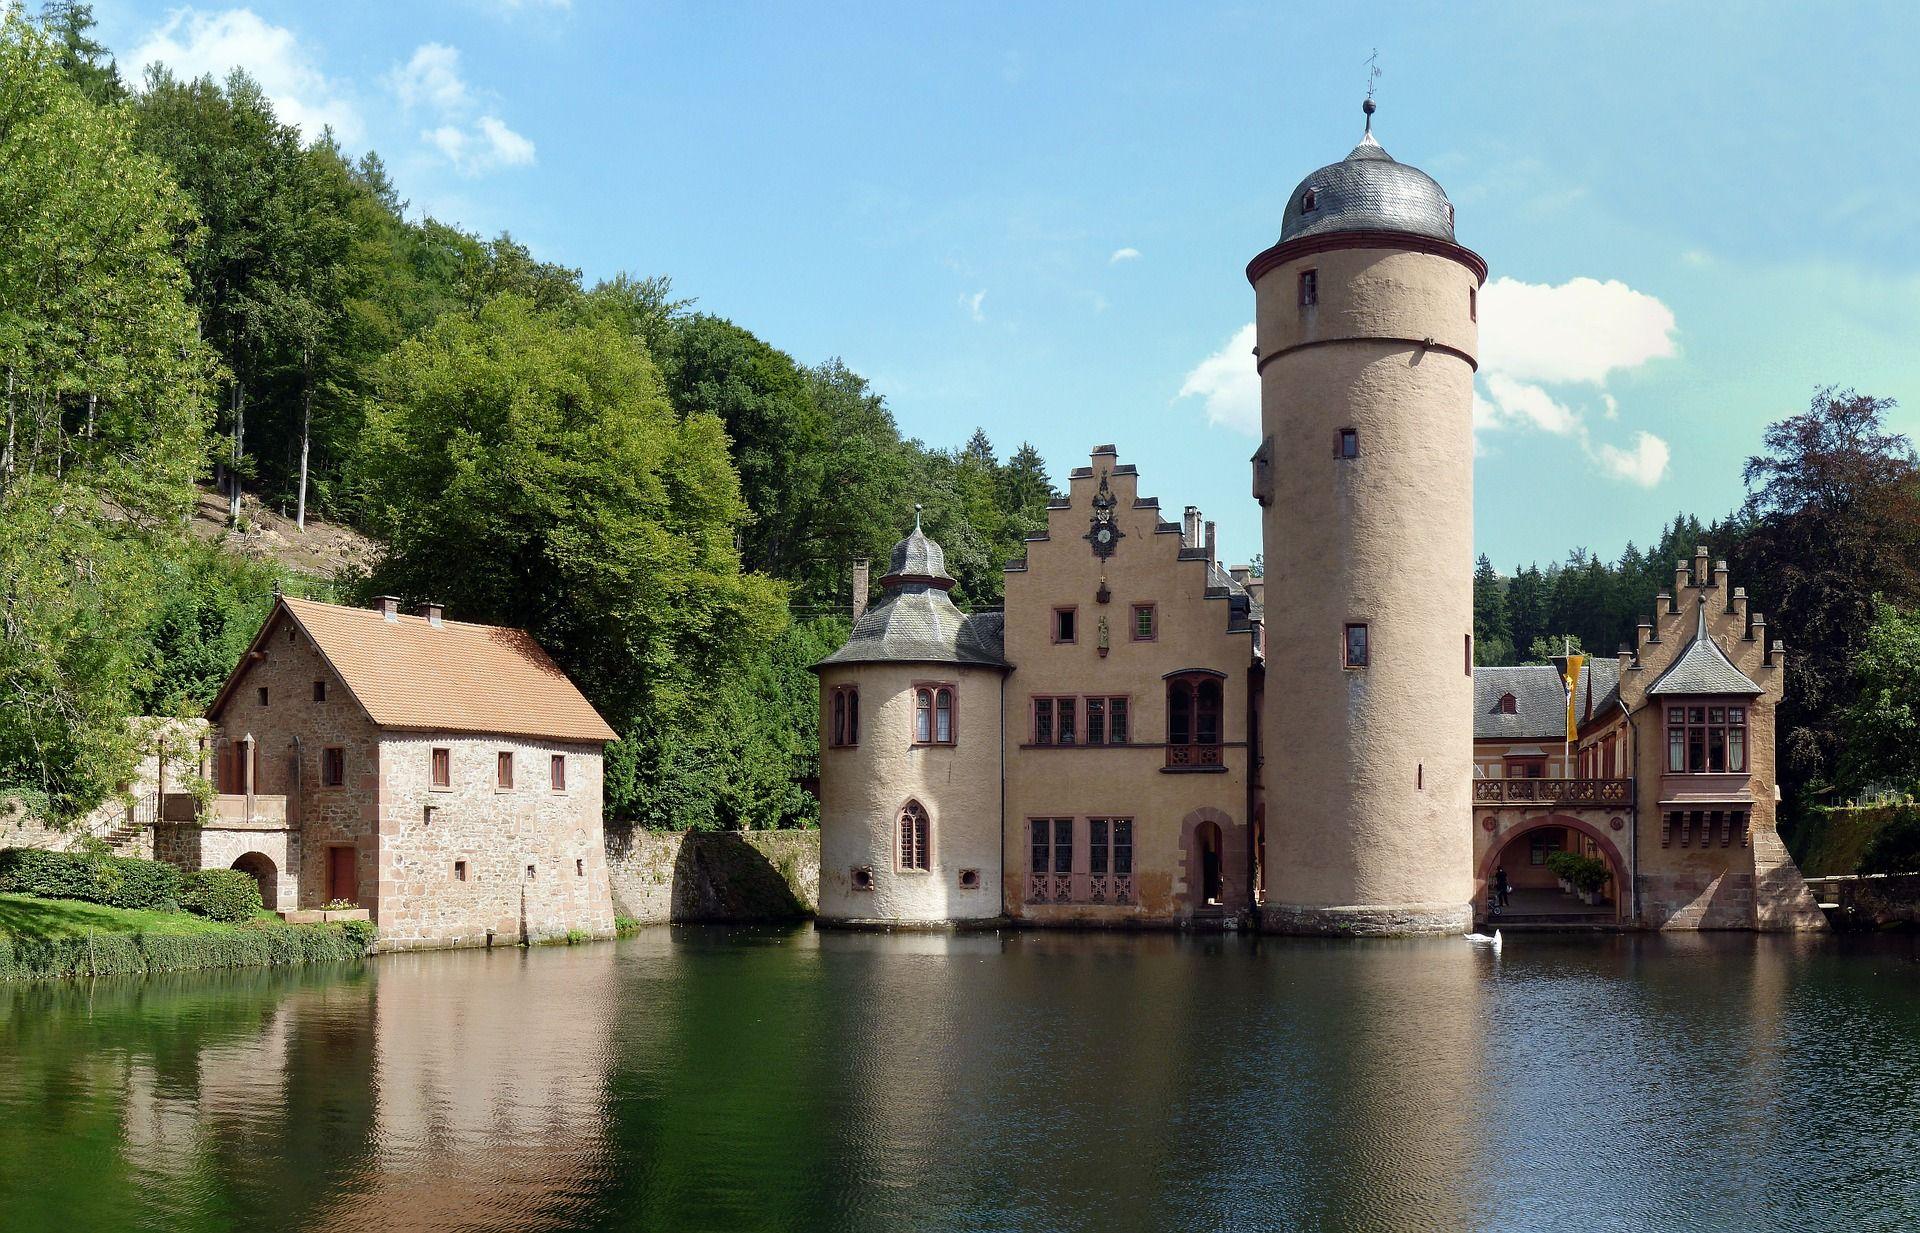 Mespelbrunn moated castle in Spessart